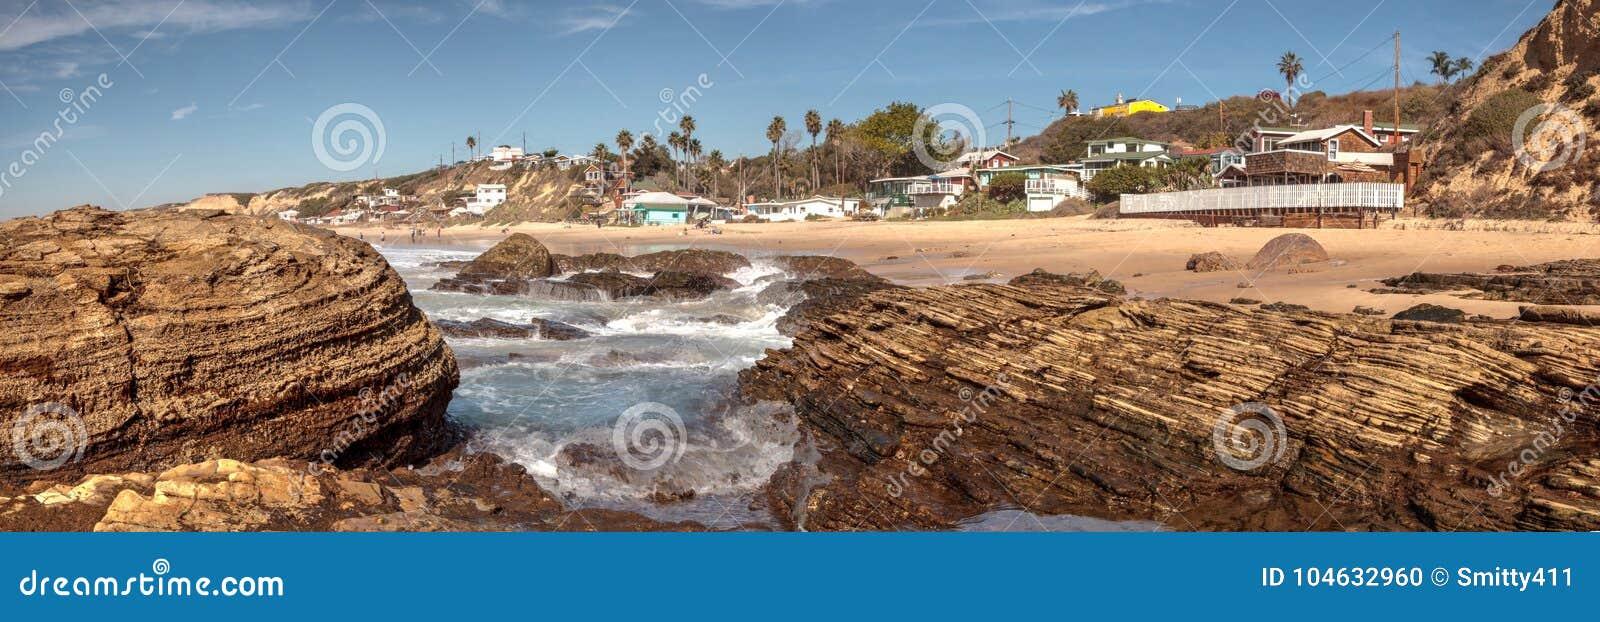 Download Rotsachtige Kust Met Strandplattelandshuisjes Die Crystal Cove State Park B Voeren Stock Foto - Afbeelding bestaande uit staten, rotsachtig: 104632960